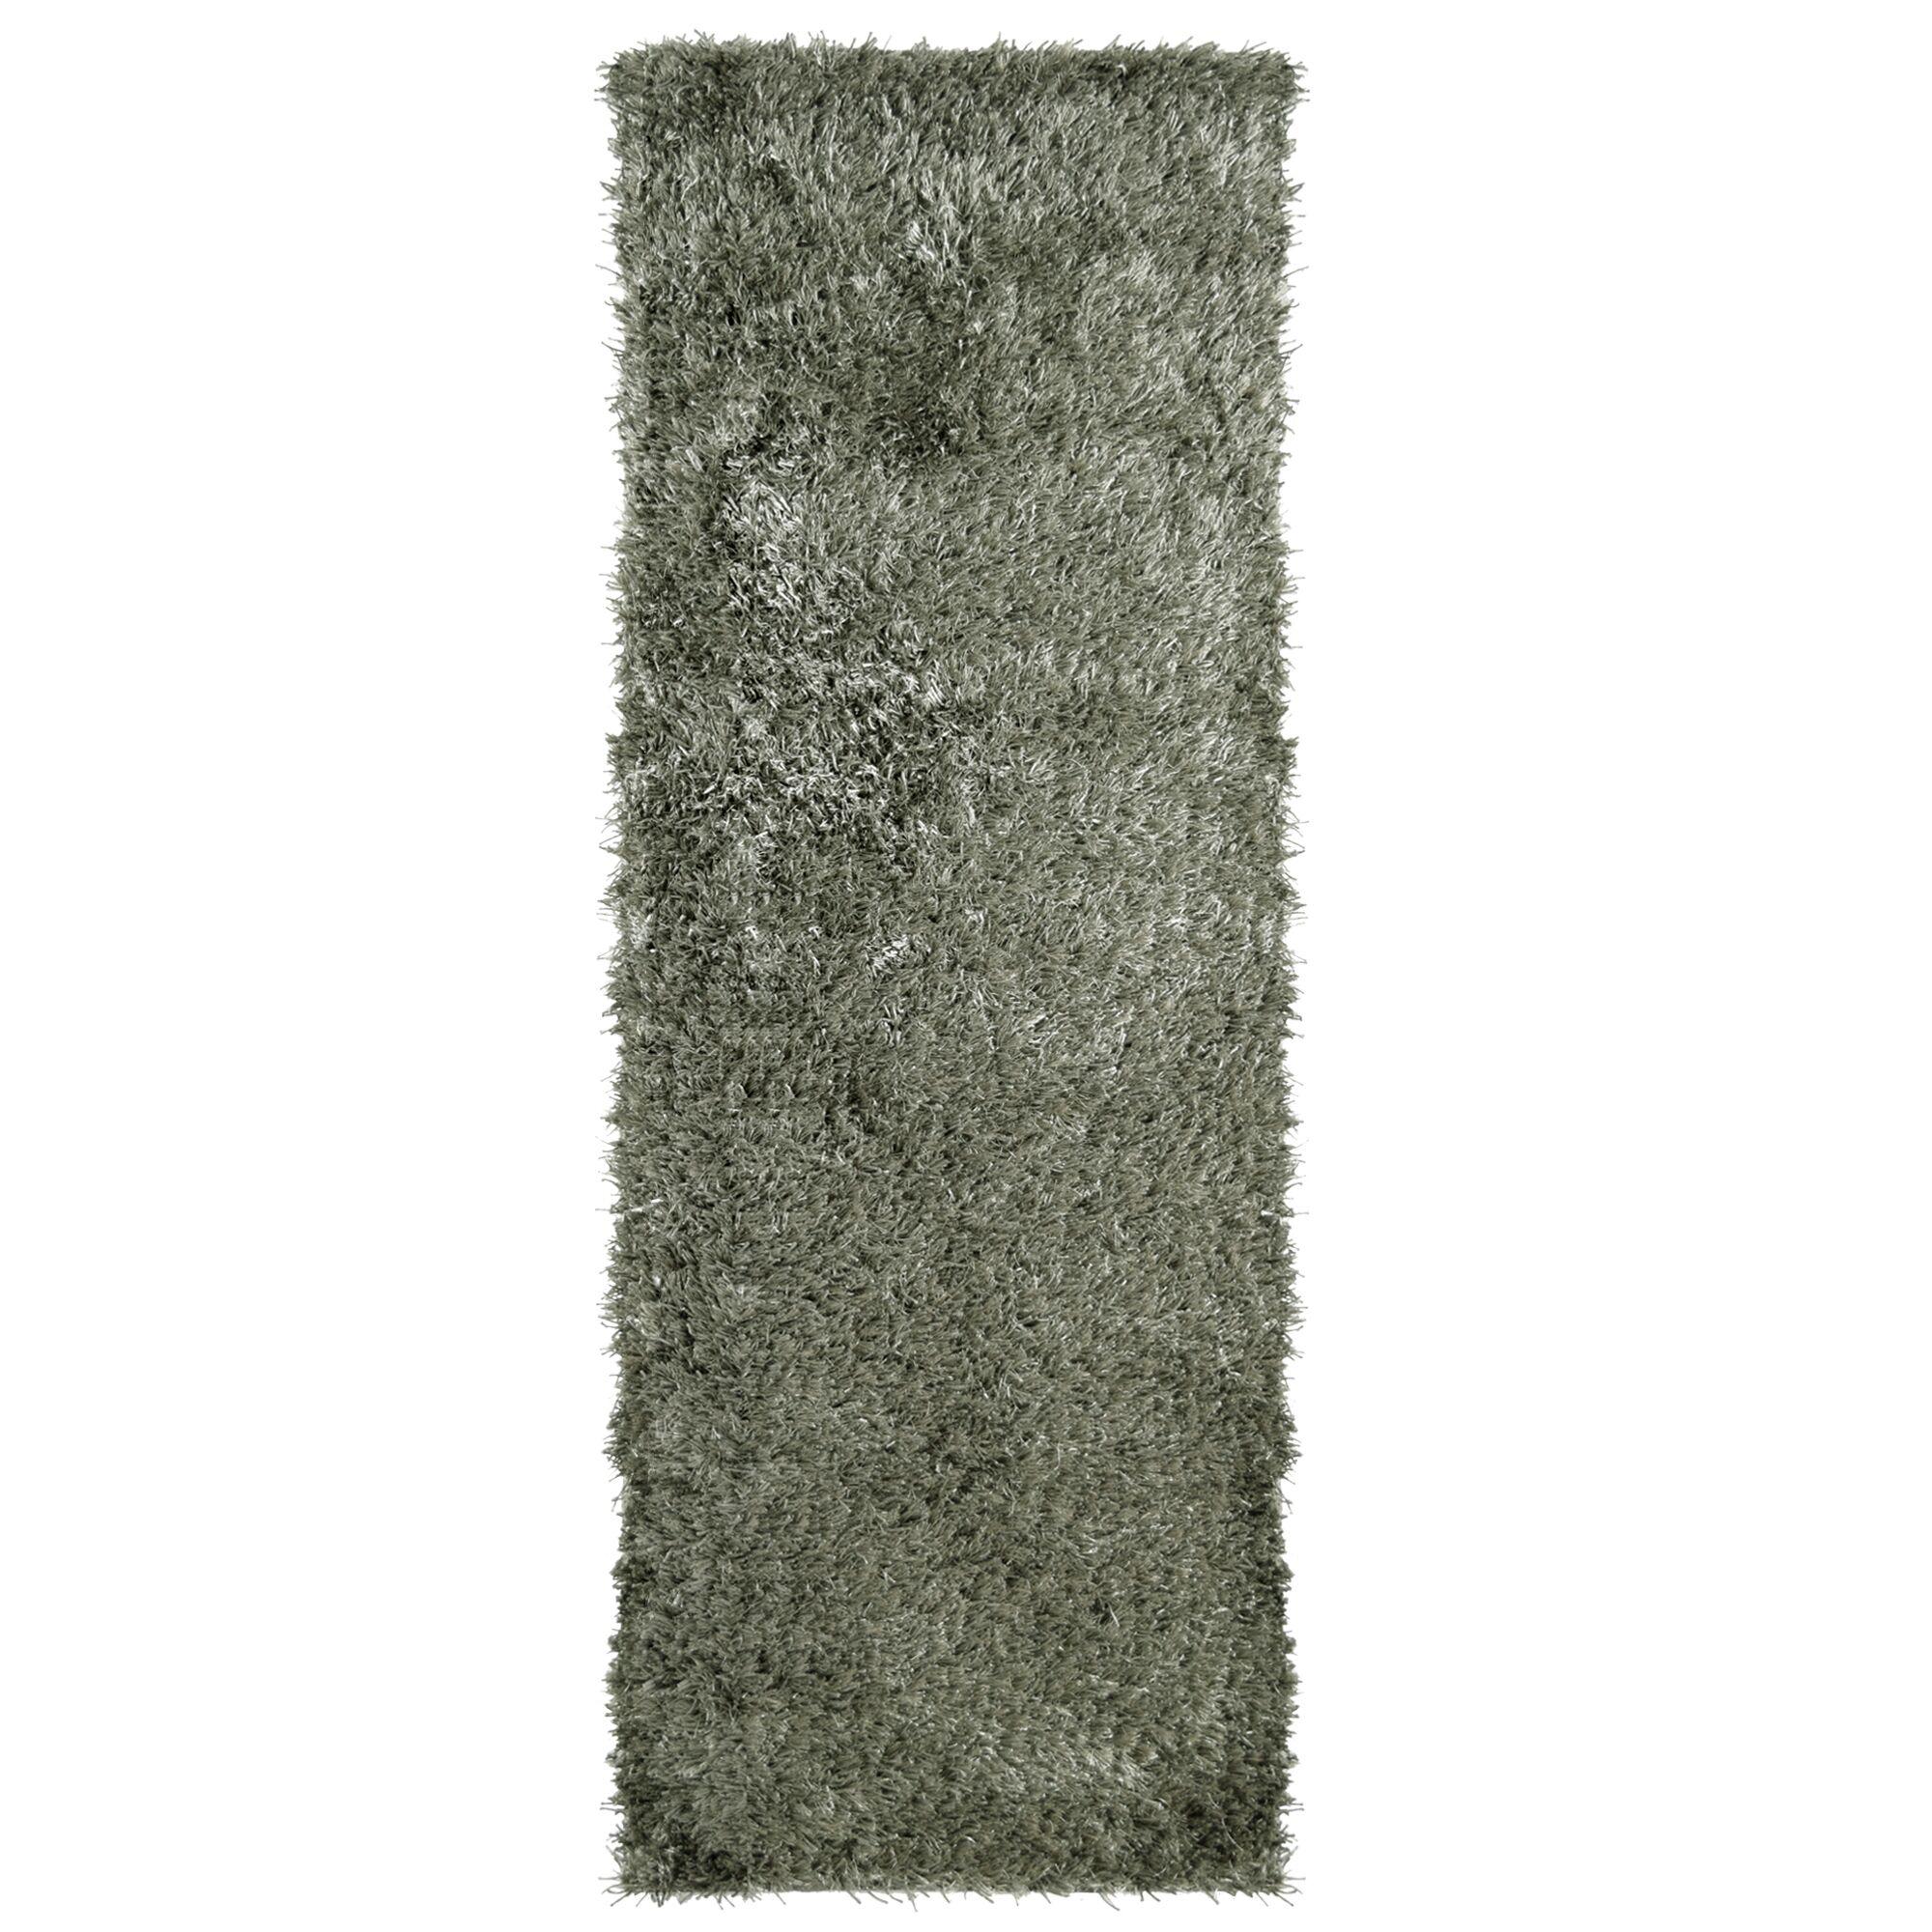 City Shag Hand-Tufted Gray Area Rug Rug Size: 6' x 9'